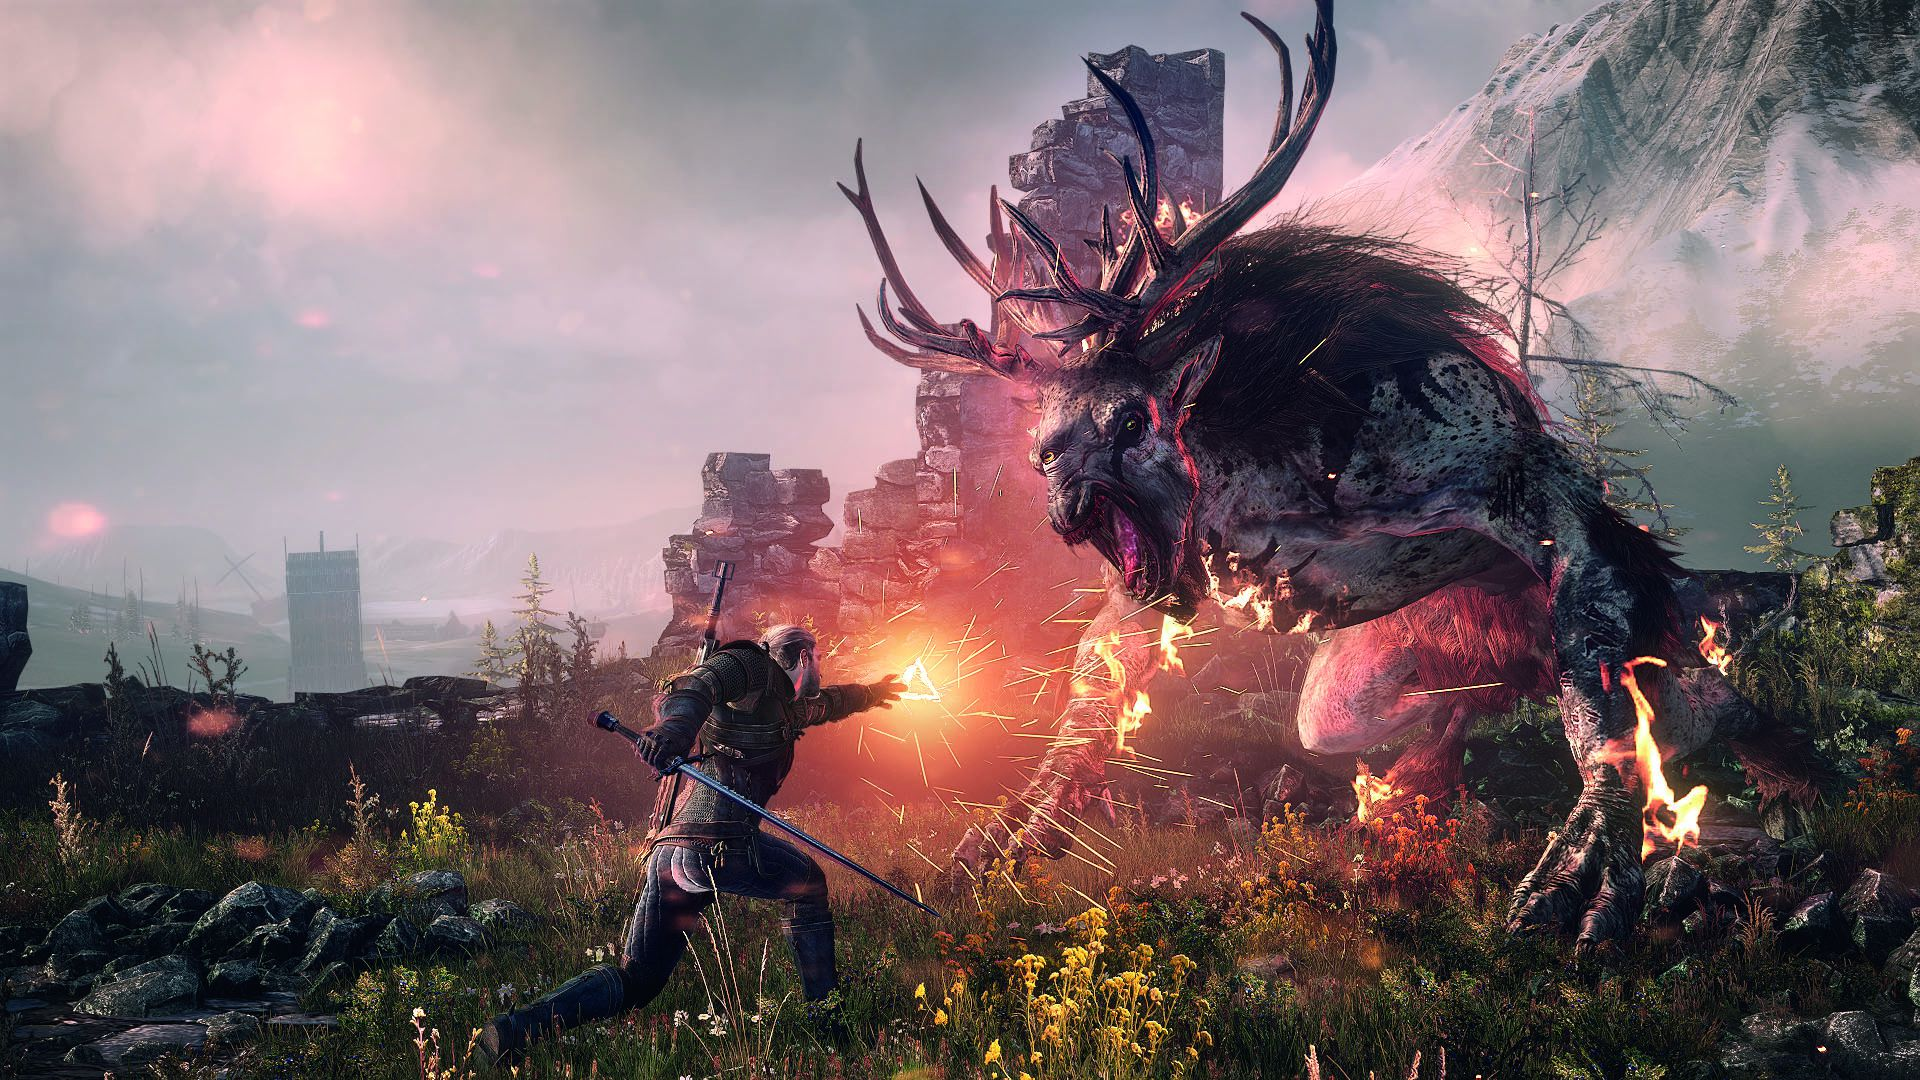 6267_the_witcher_3_wild_hunt_geralt_vs_fiend